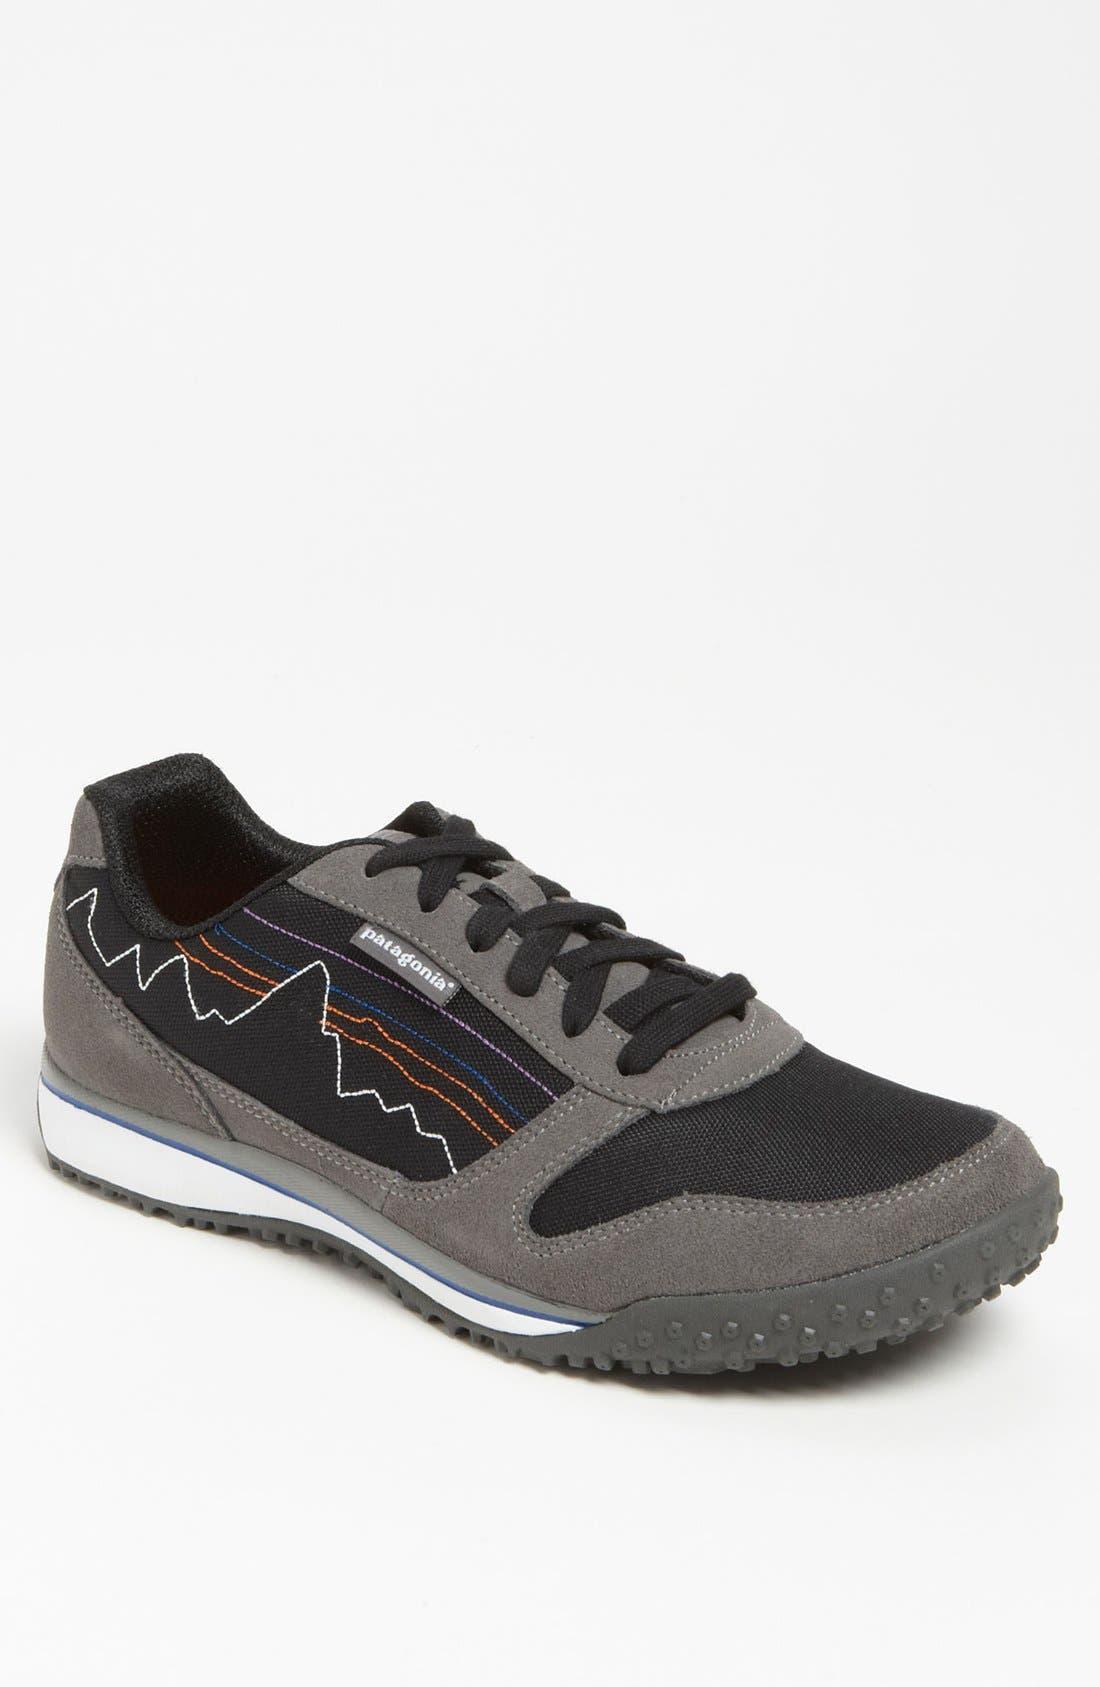 Main Image - Patagonia 'Fitz' Sneaker (Men)